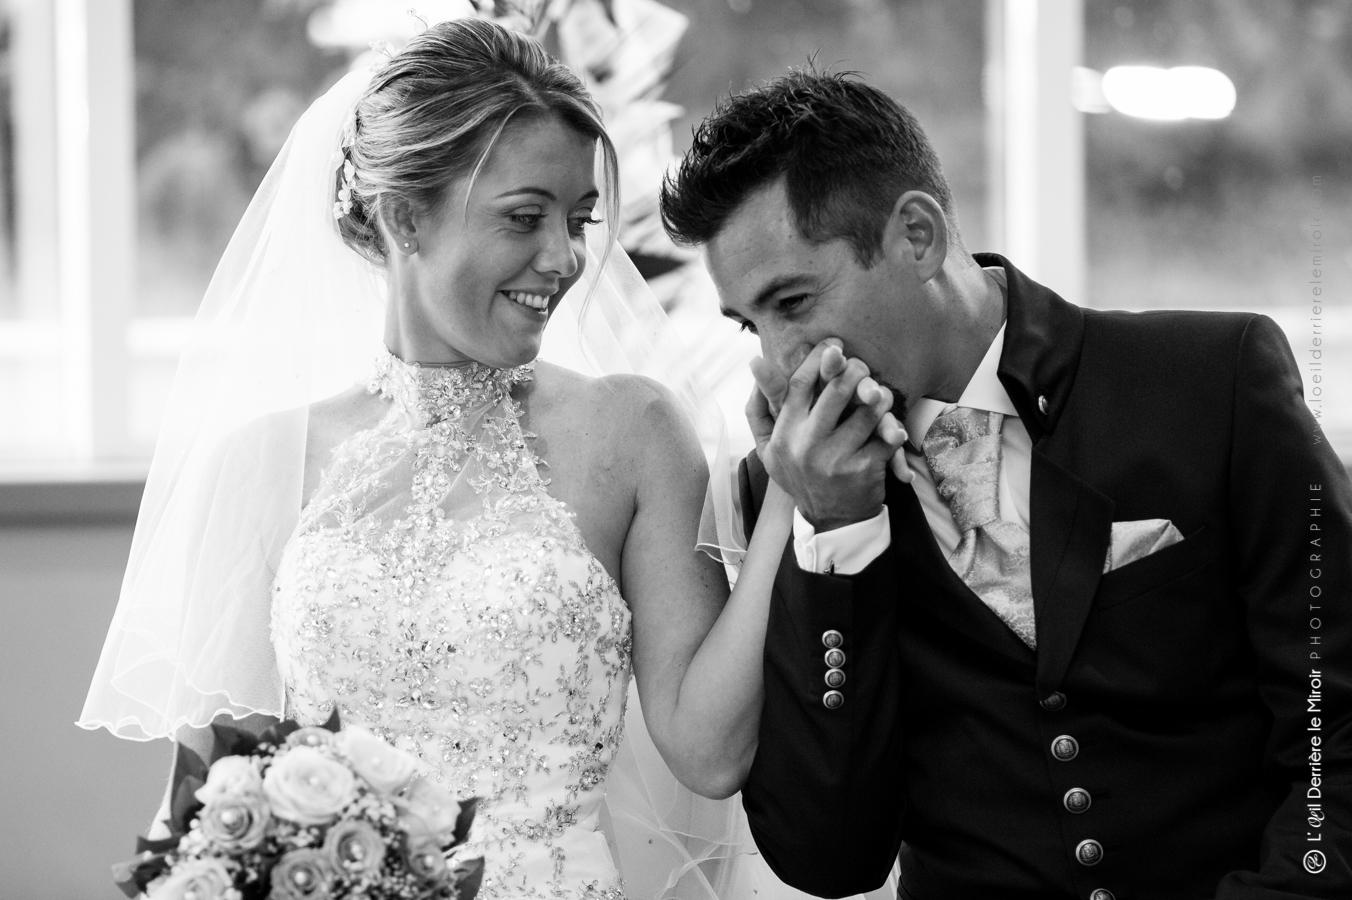 Photographe-mariage-monaco-loeilderrierelemiroir-042